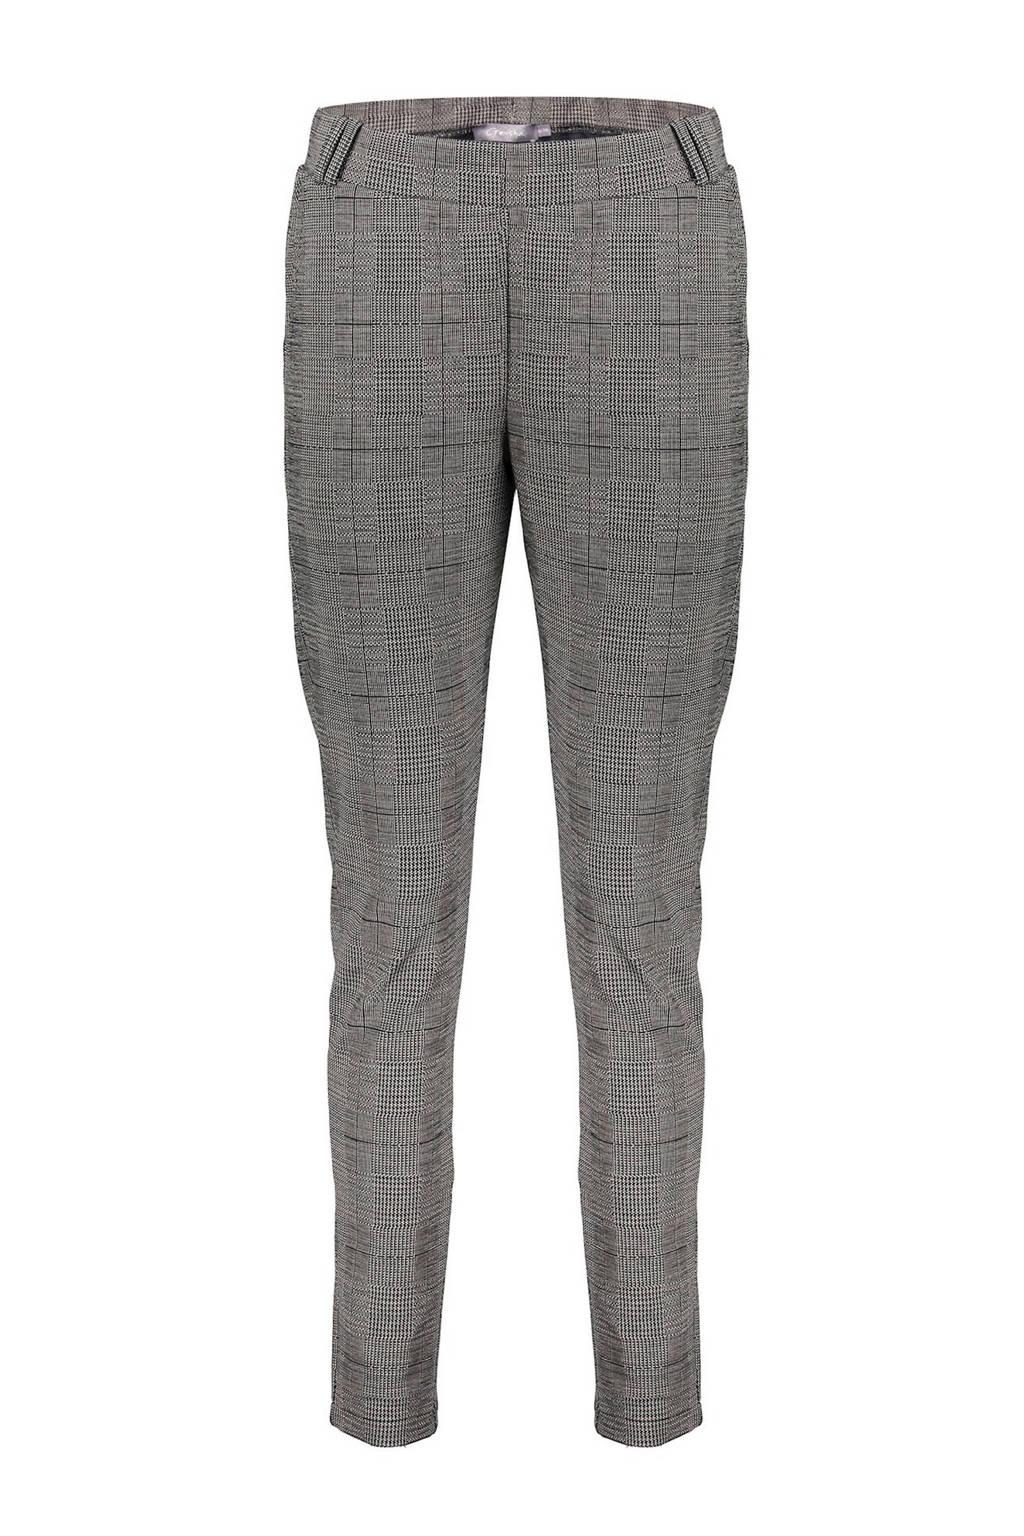 Geisha geruite broek grijs/zwart/wit, Grijs/zwart/wit